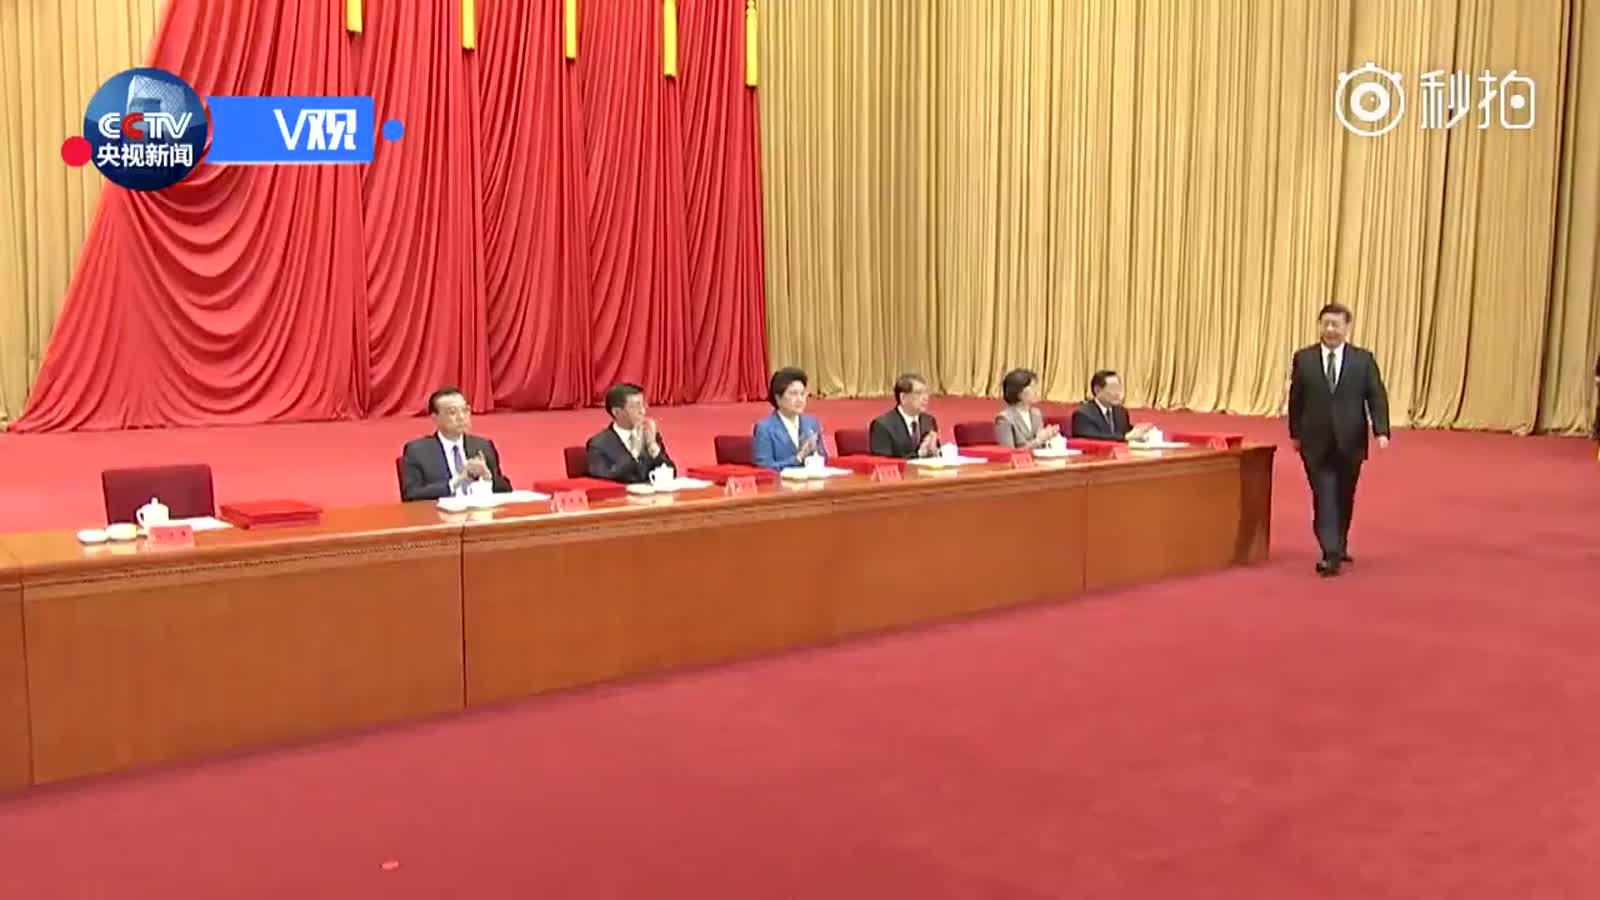 中国要强必须有强大科技!19句话读懂习近平科技创新思想 新湖南www.hunanabc.com